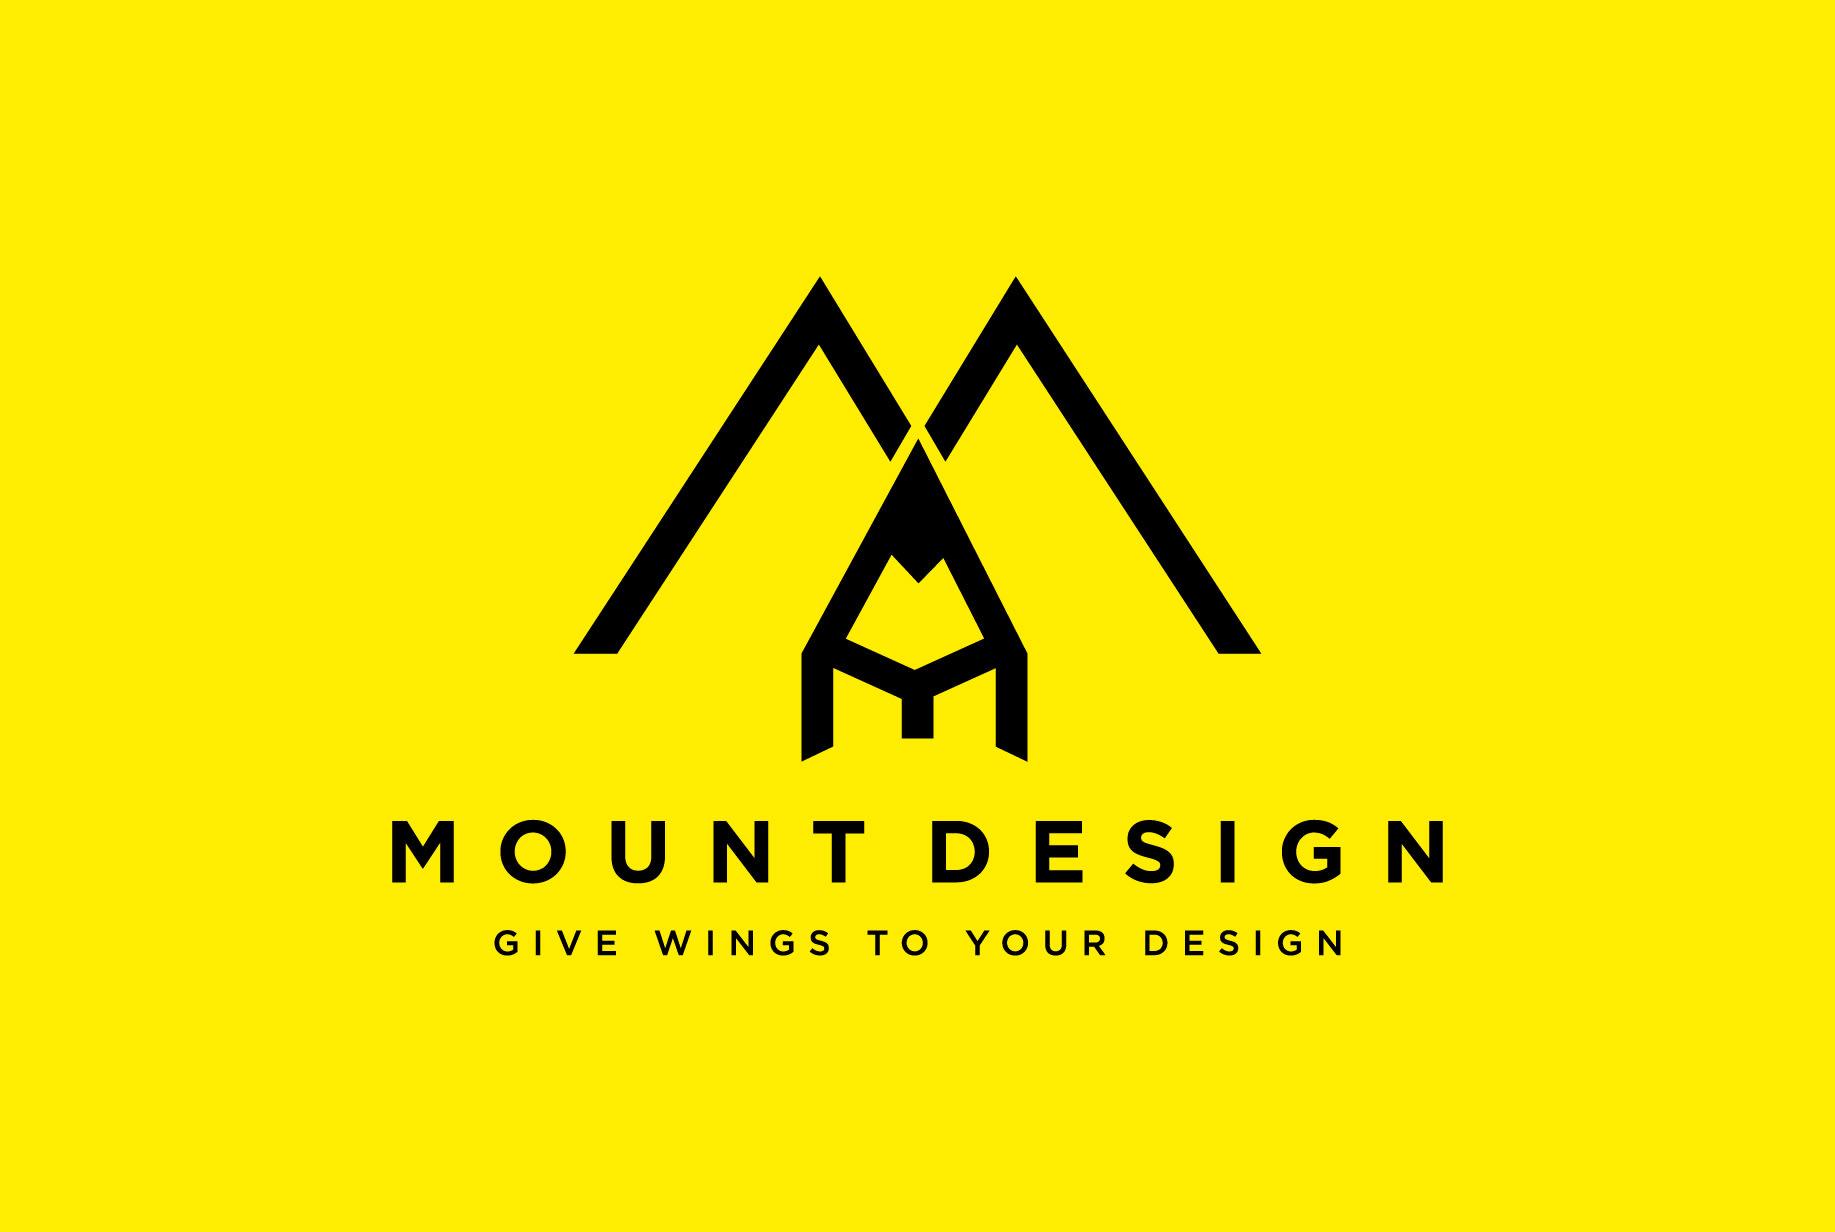 I will create a flat minimalist logo design